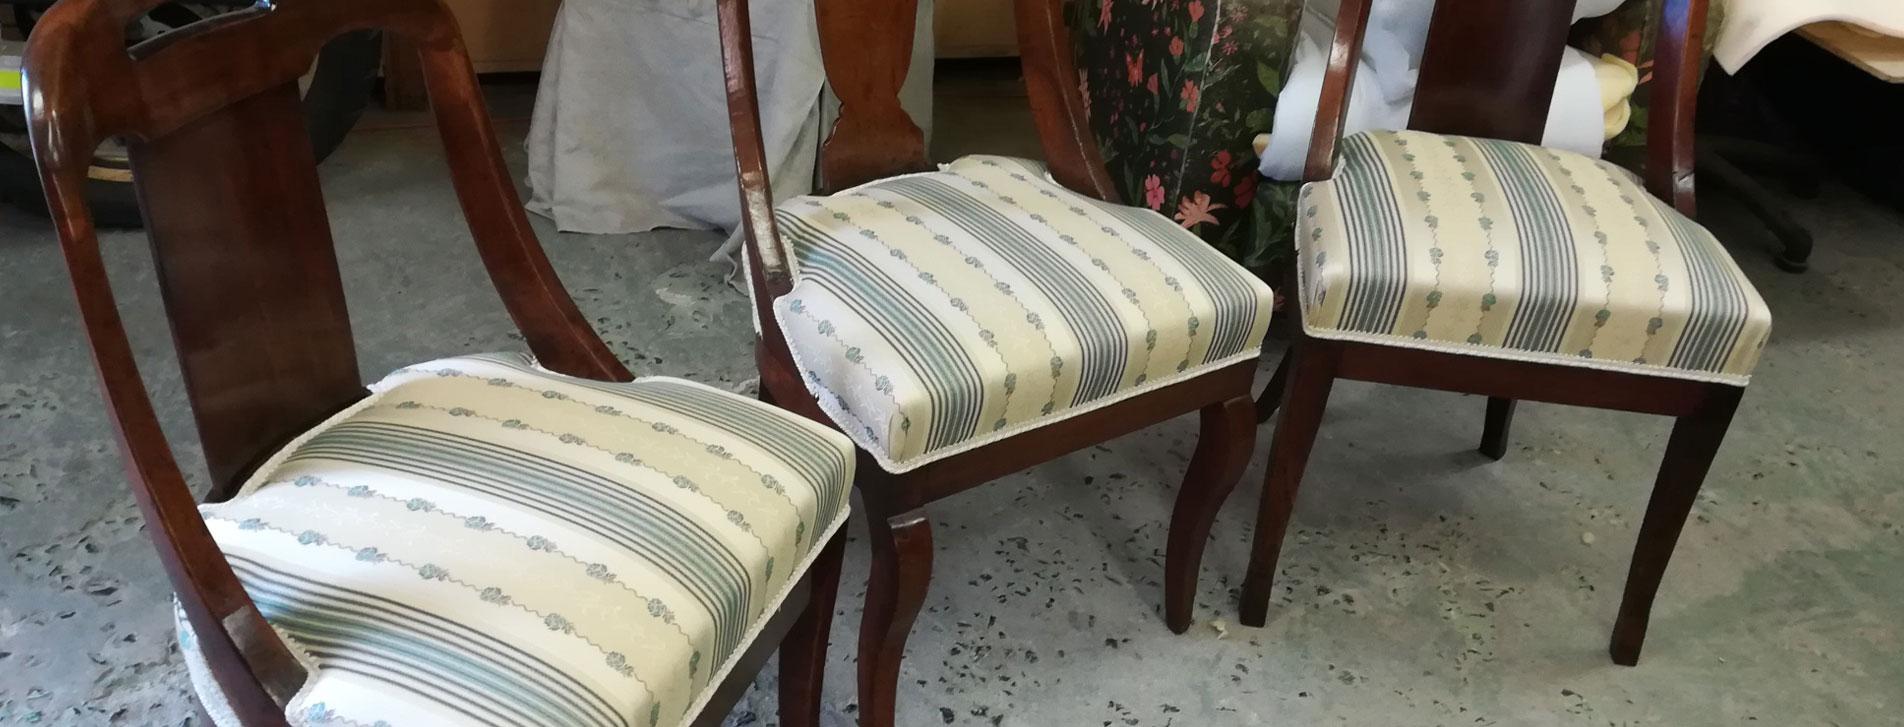 Riparazione sedie